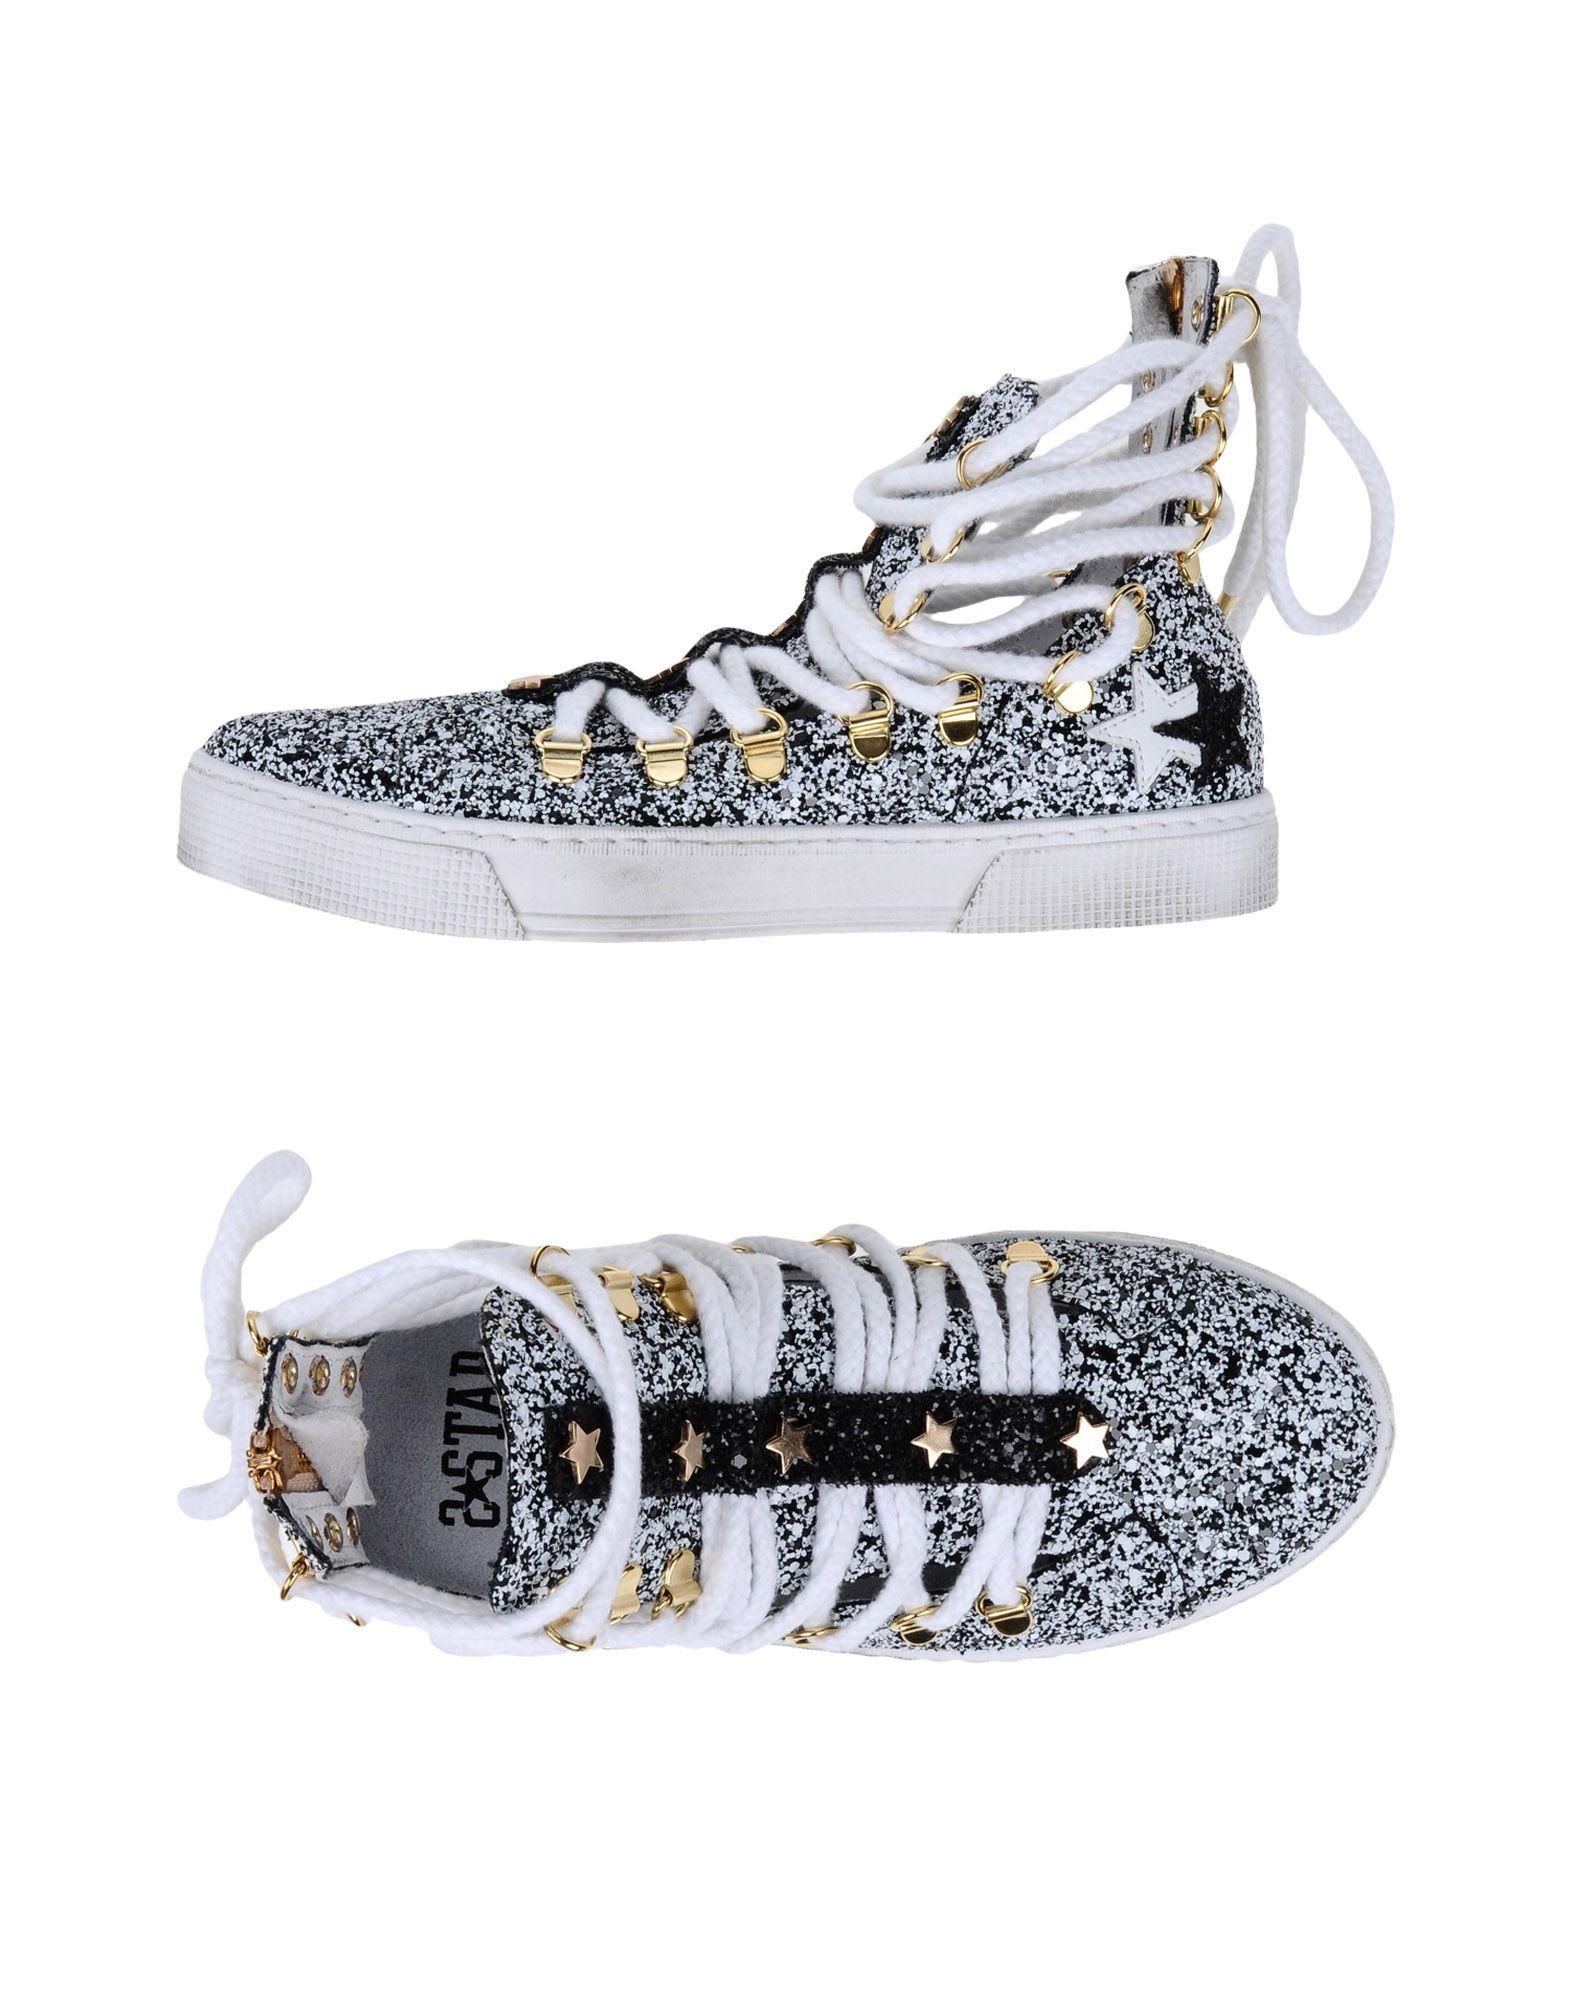 2Star Sneakers Damen Damen Sneakers  11339292OO Gute Qualität beliebte Schuhe 6865a4